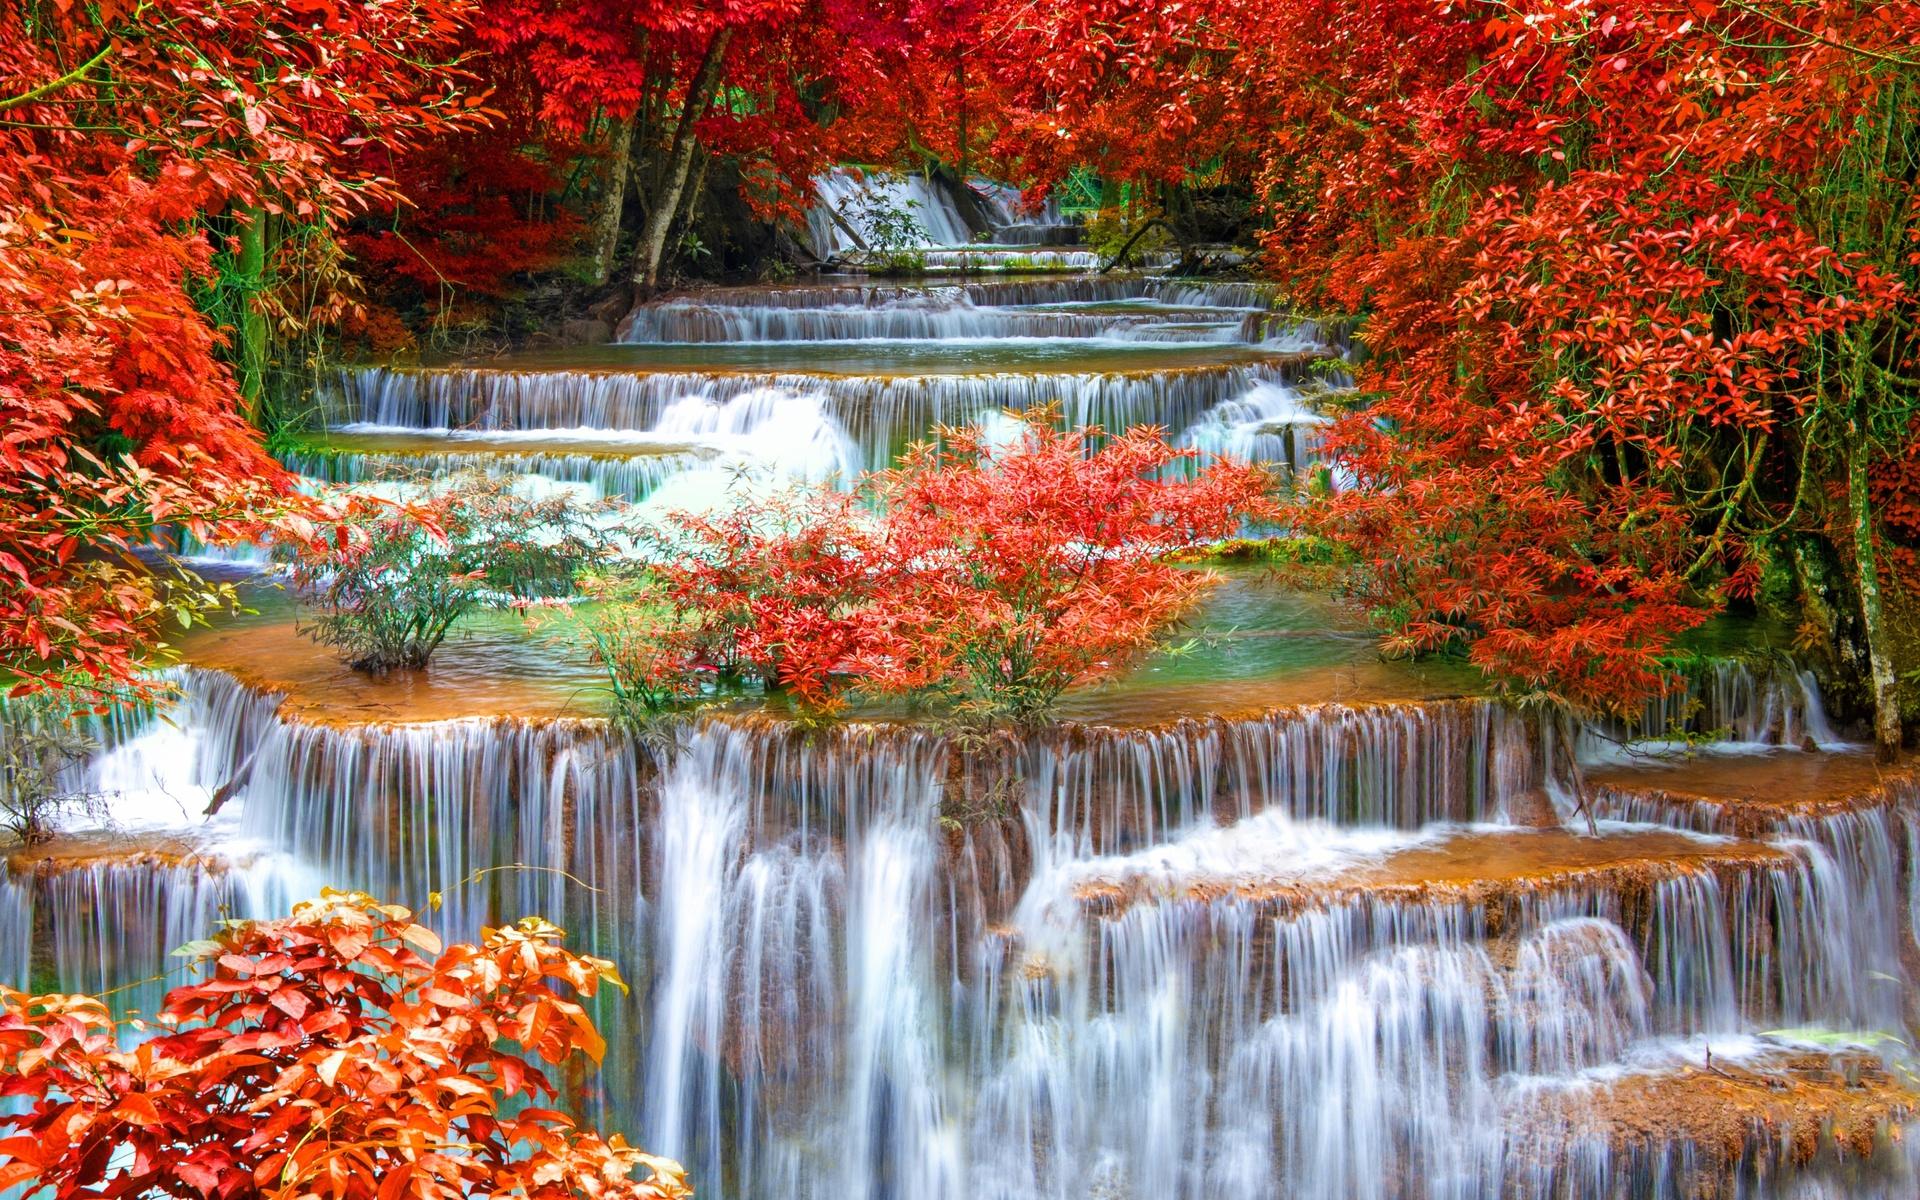 тайланд, река, водопад, лес, осень, красиво, вода, каскады, красиво